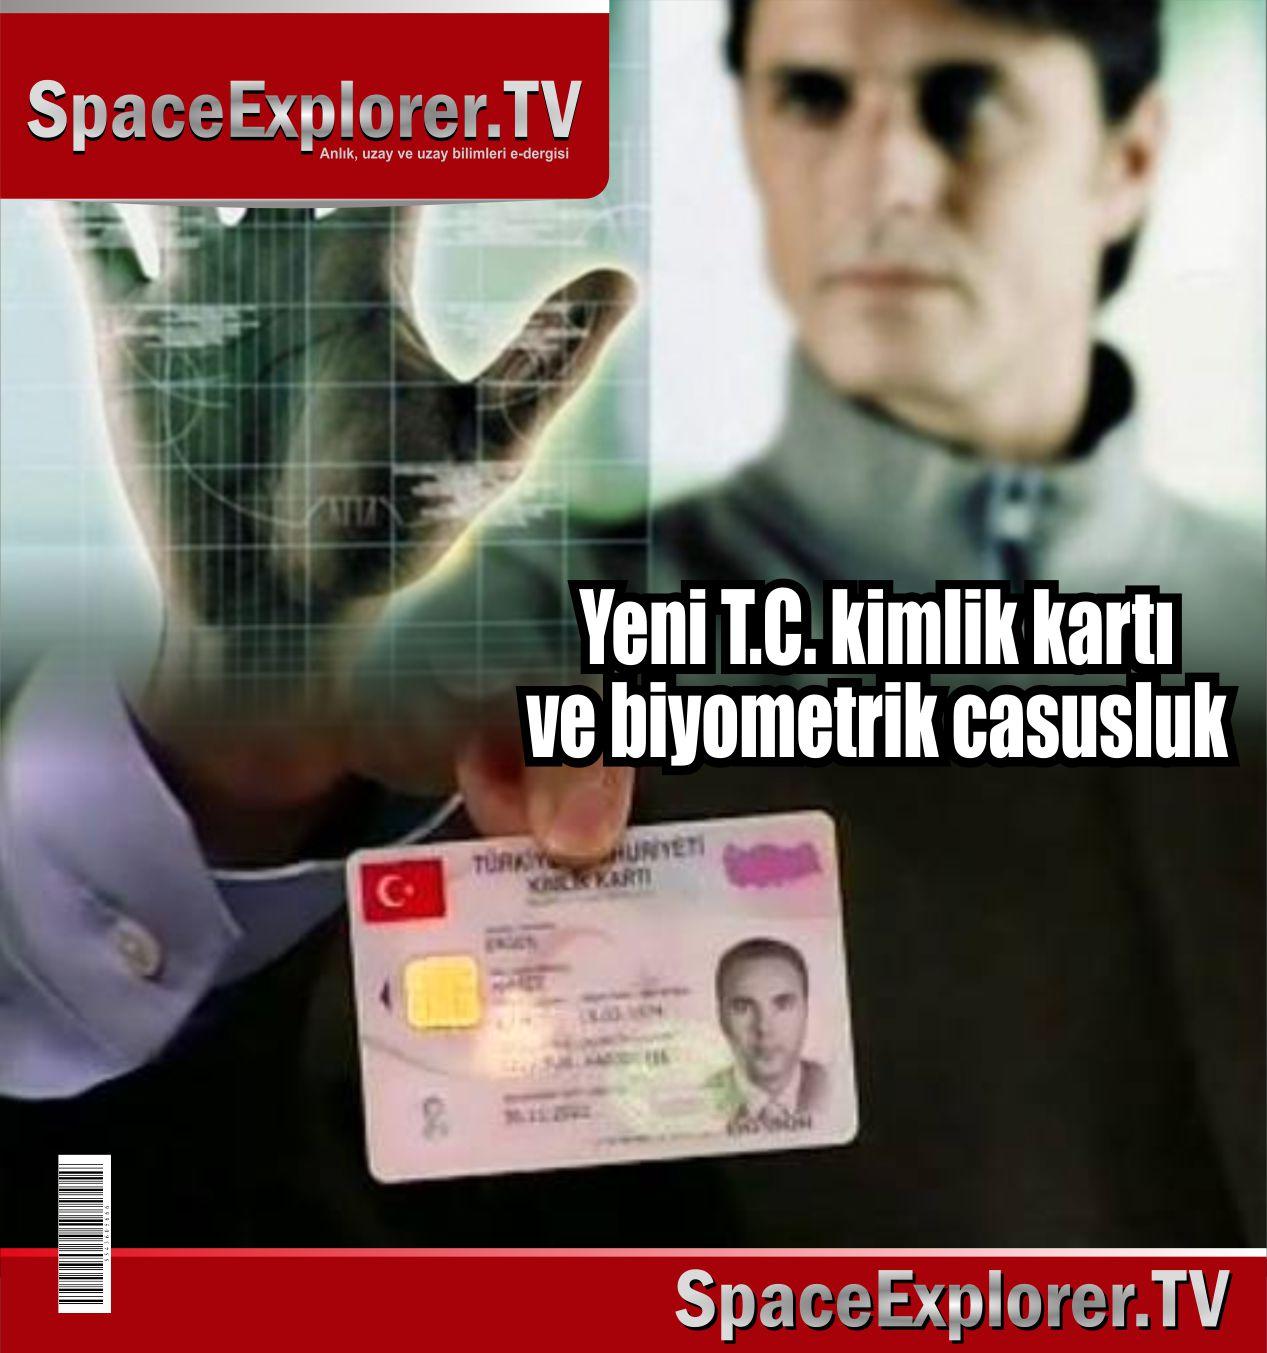 Biyometrik casusluk, T.C. kimlik kartları, Parmak izi, Adli Tıp, Kriminal, TÜBİTAK,